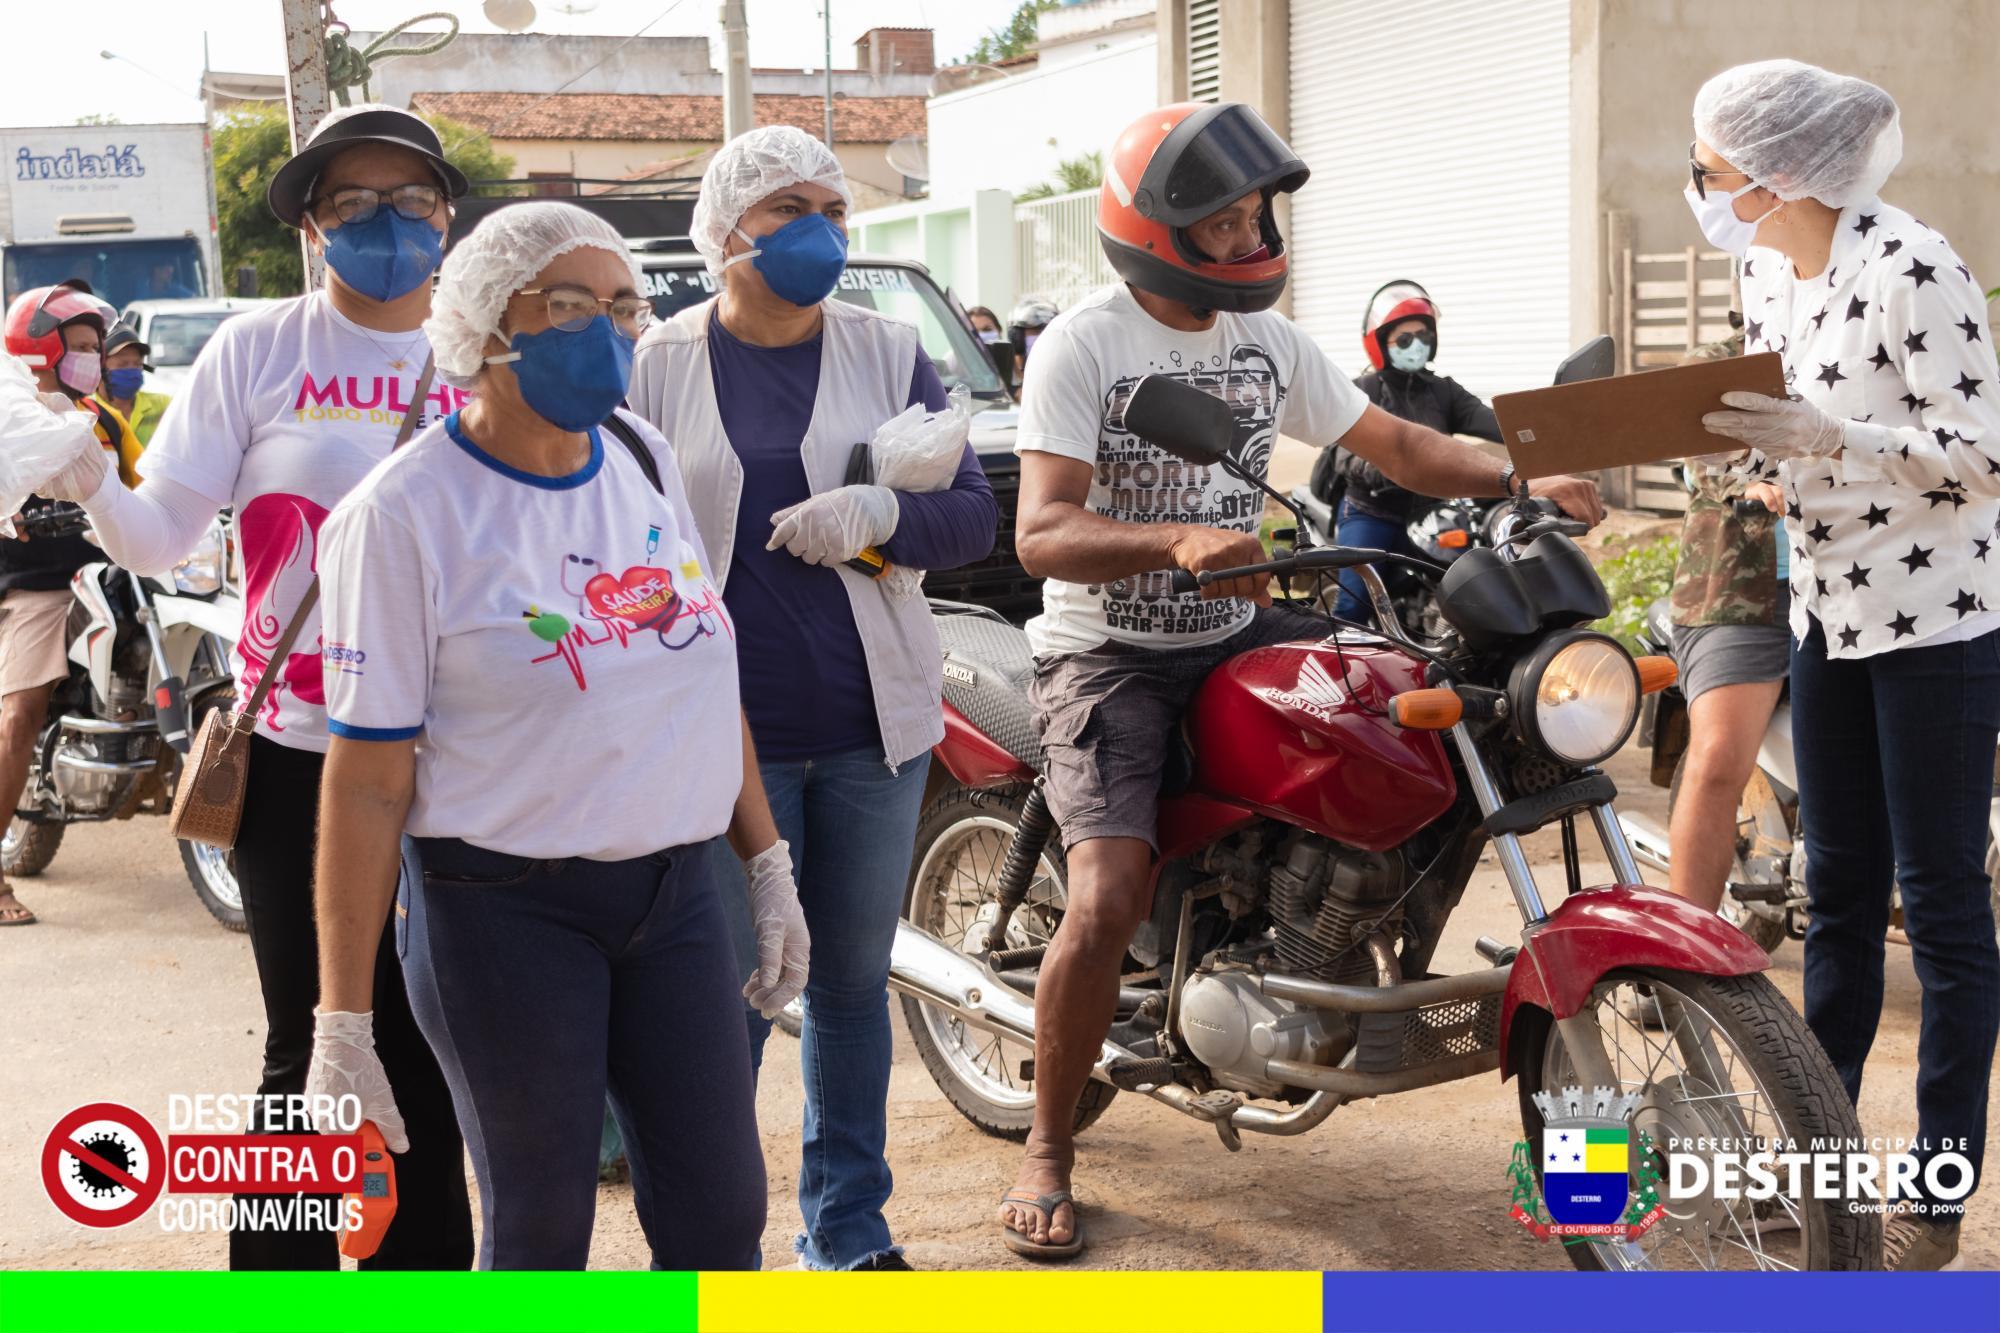 Município implementa barreira sanitária em dias de maior movimento